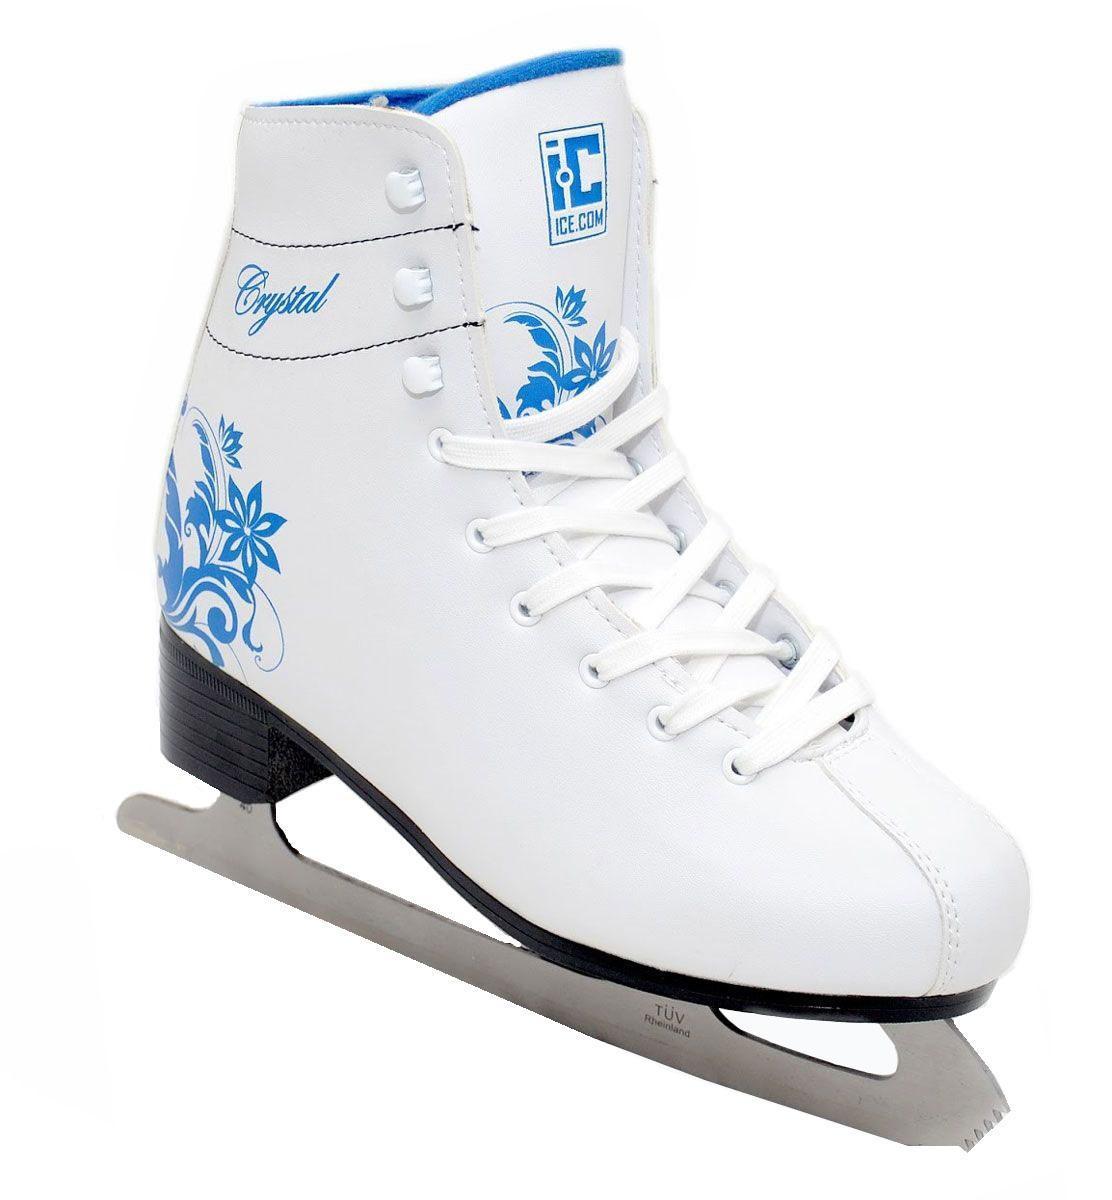 Коньки фигурные детские Ice.Com Crystal 2014-2015, цвет: синий, белый. Размер 32